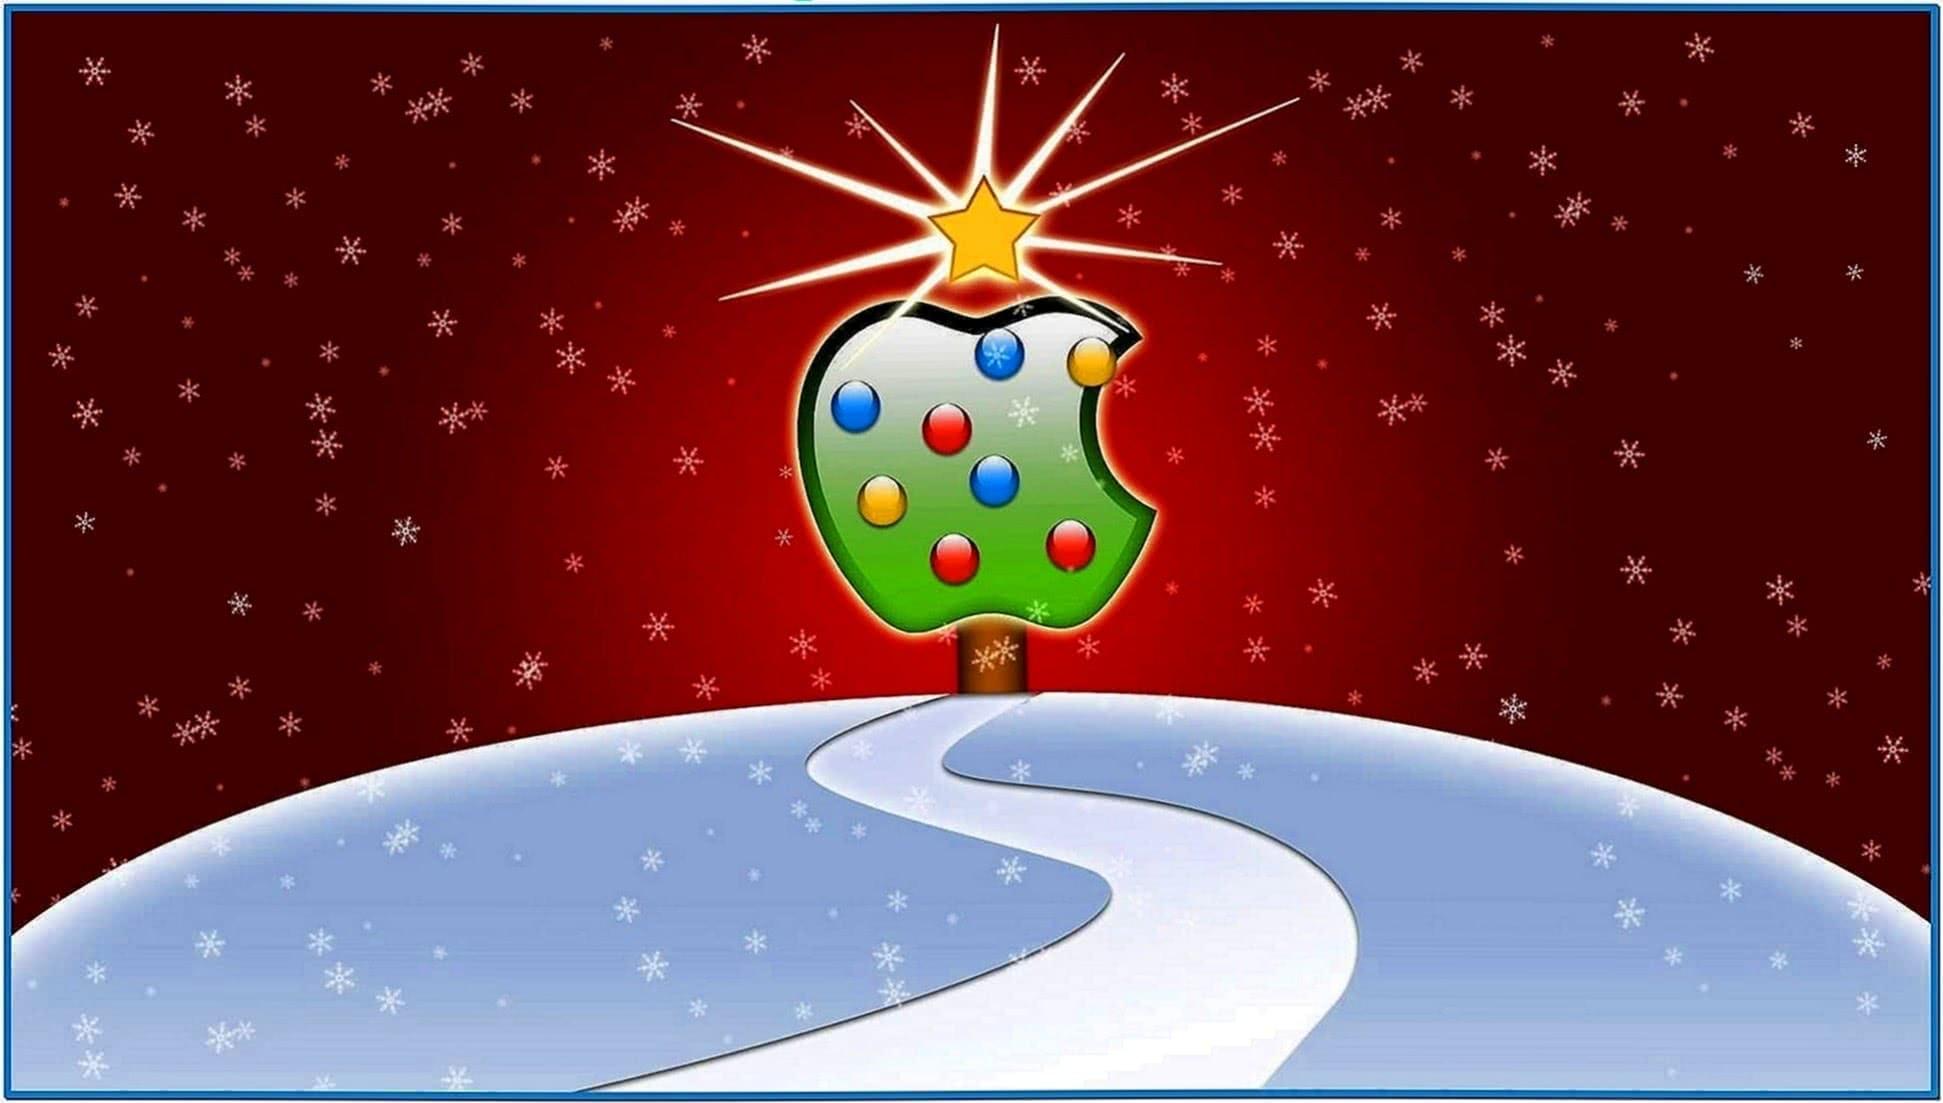 Mac OS Screensaver Christmas